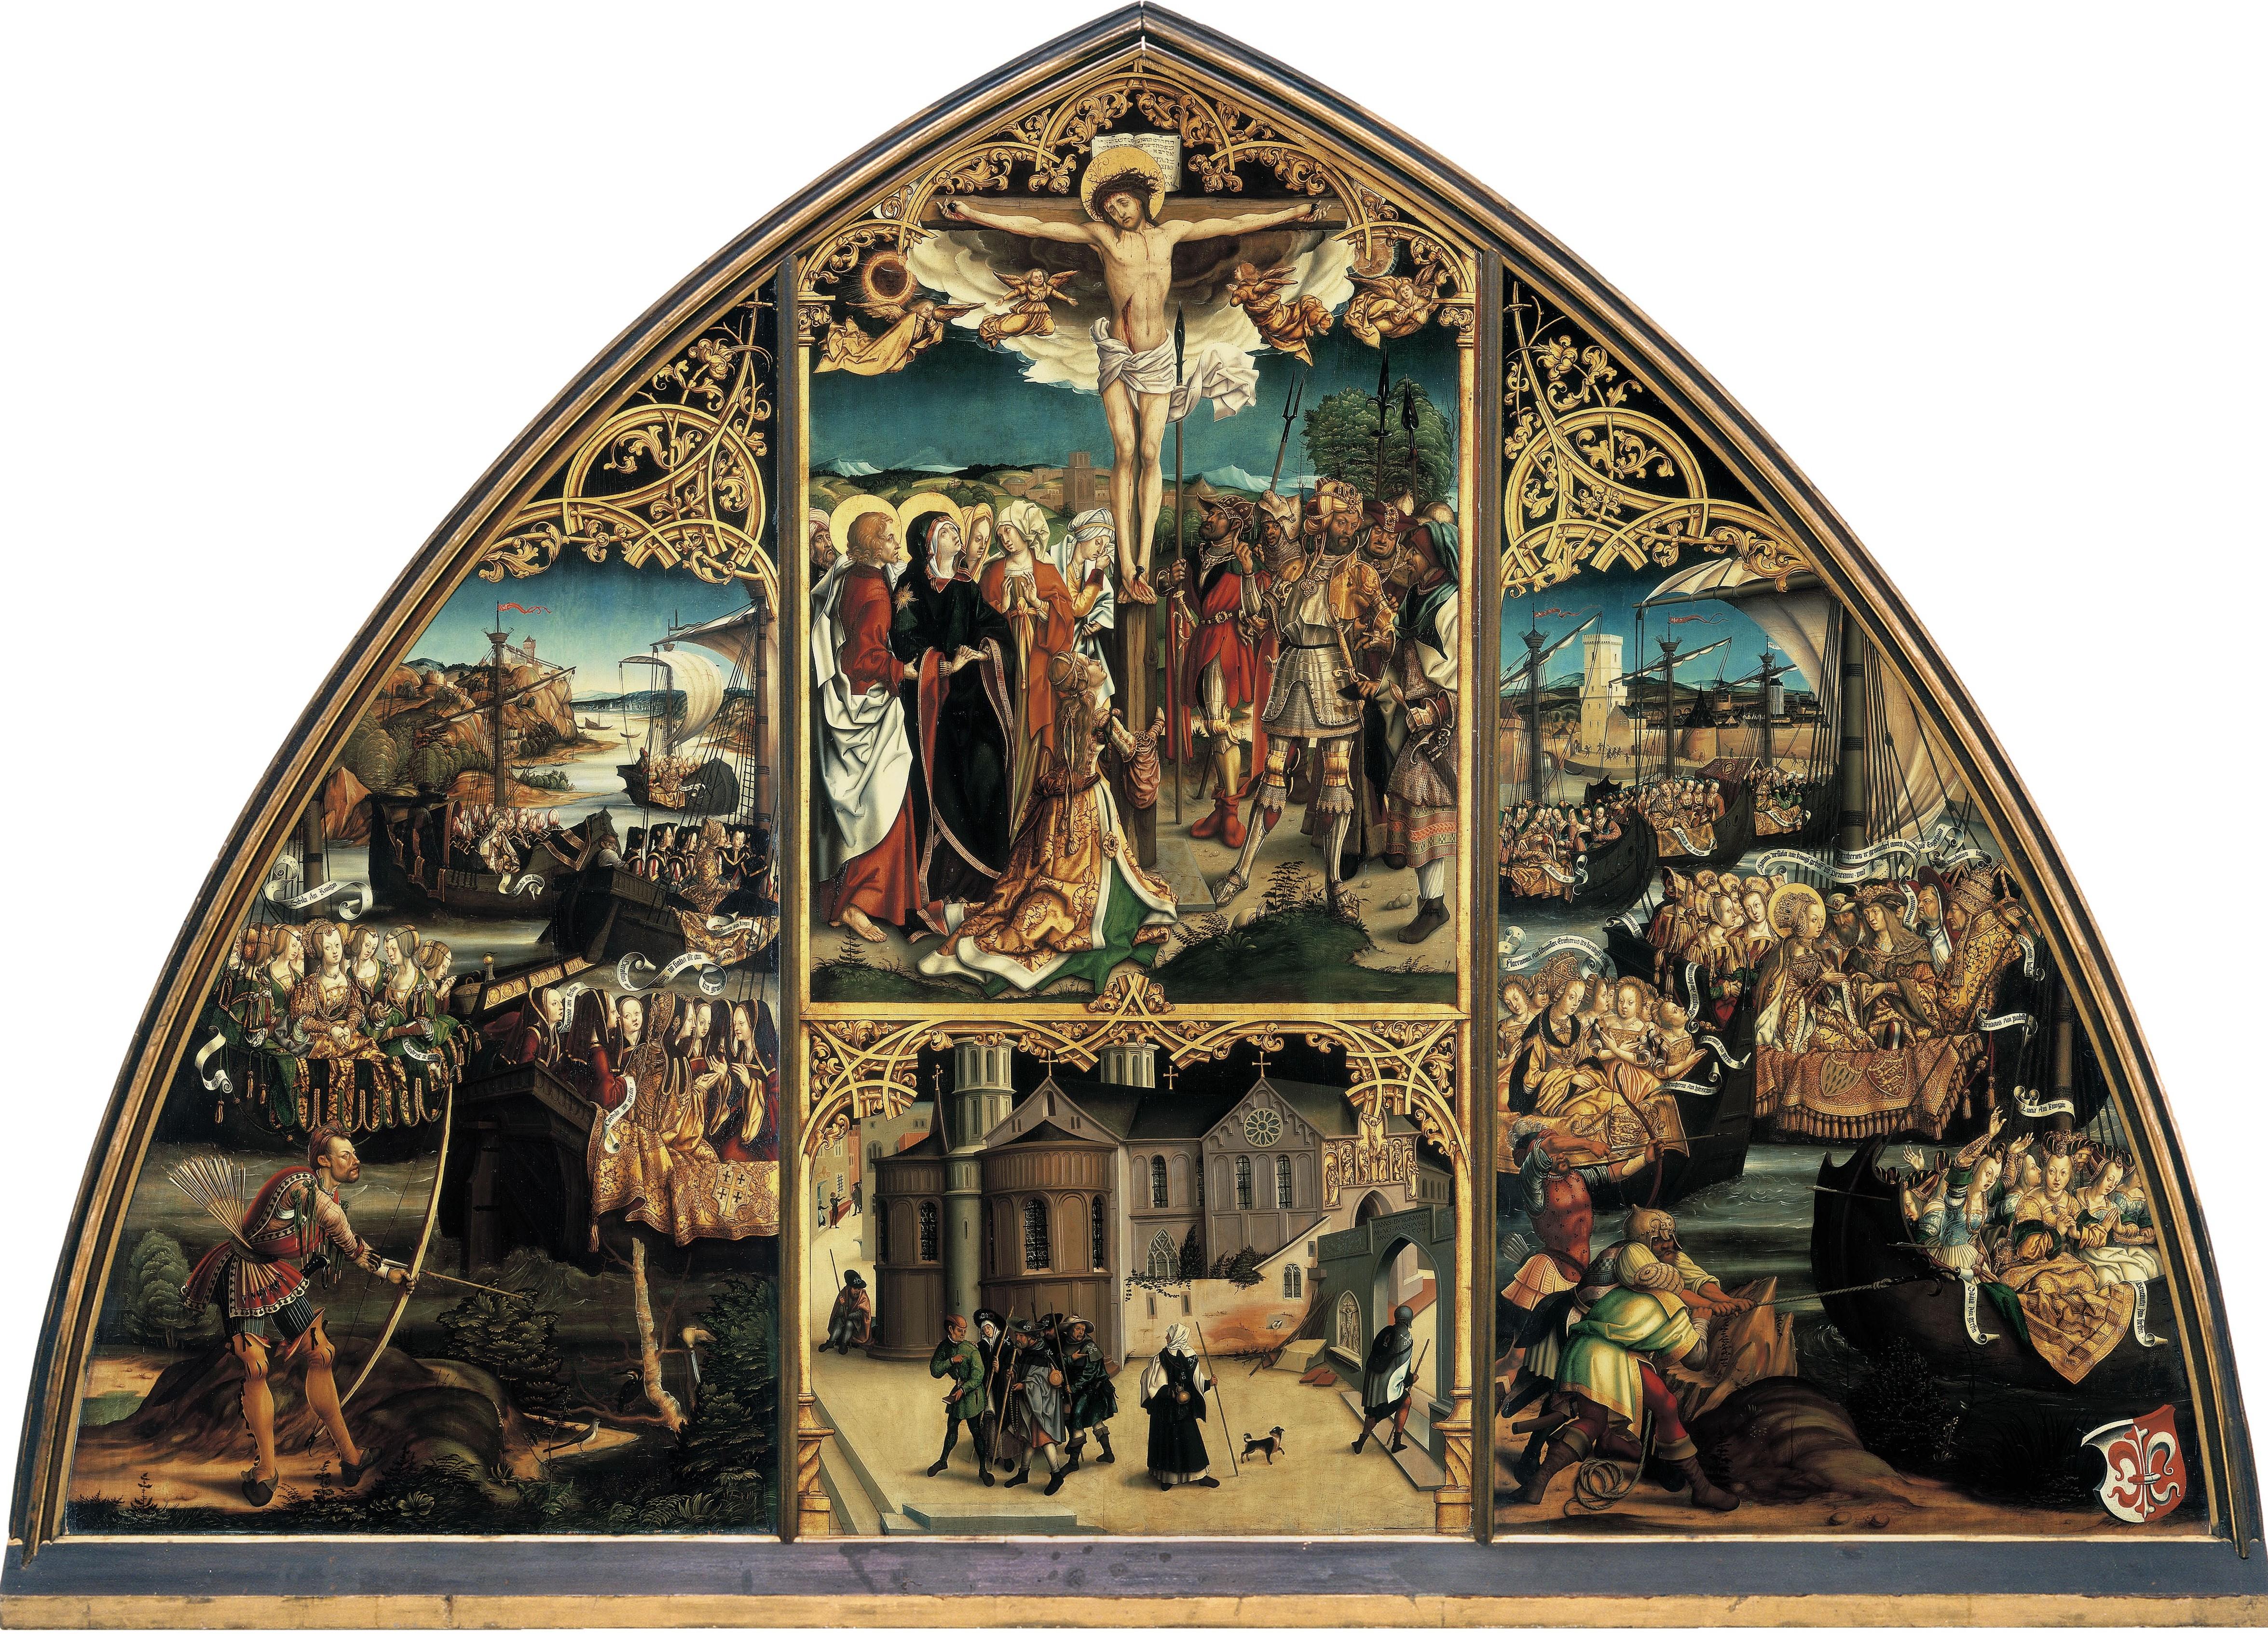 1504, Burgkmair_S. Croce in Gerusalemme, Bayerische Staatsgemaldesammlungen, Augsburg,